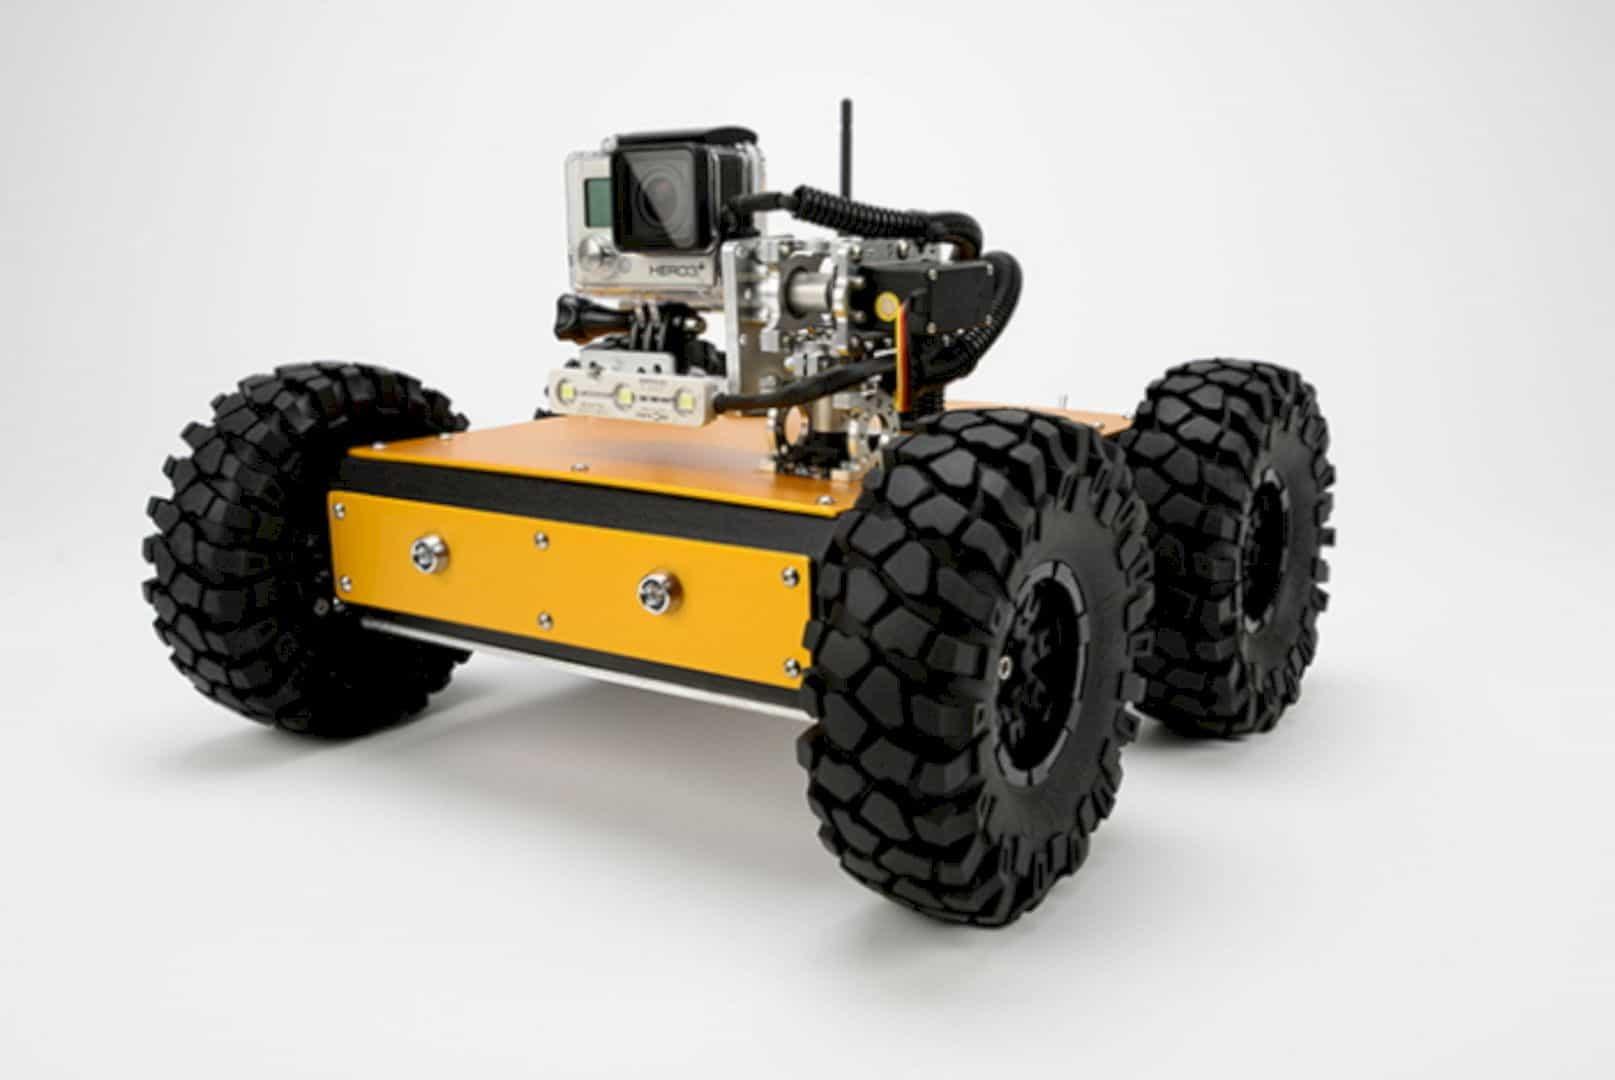 The Pan/Tilt MINIBOT: The Tough Rugged 4WD Smart Robot